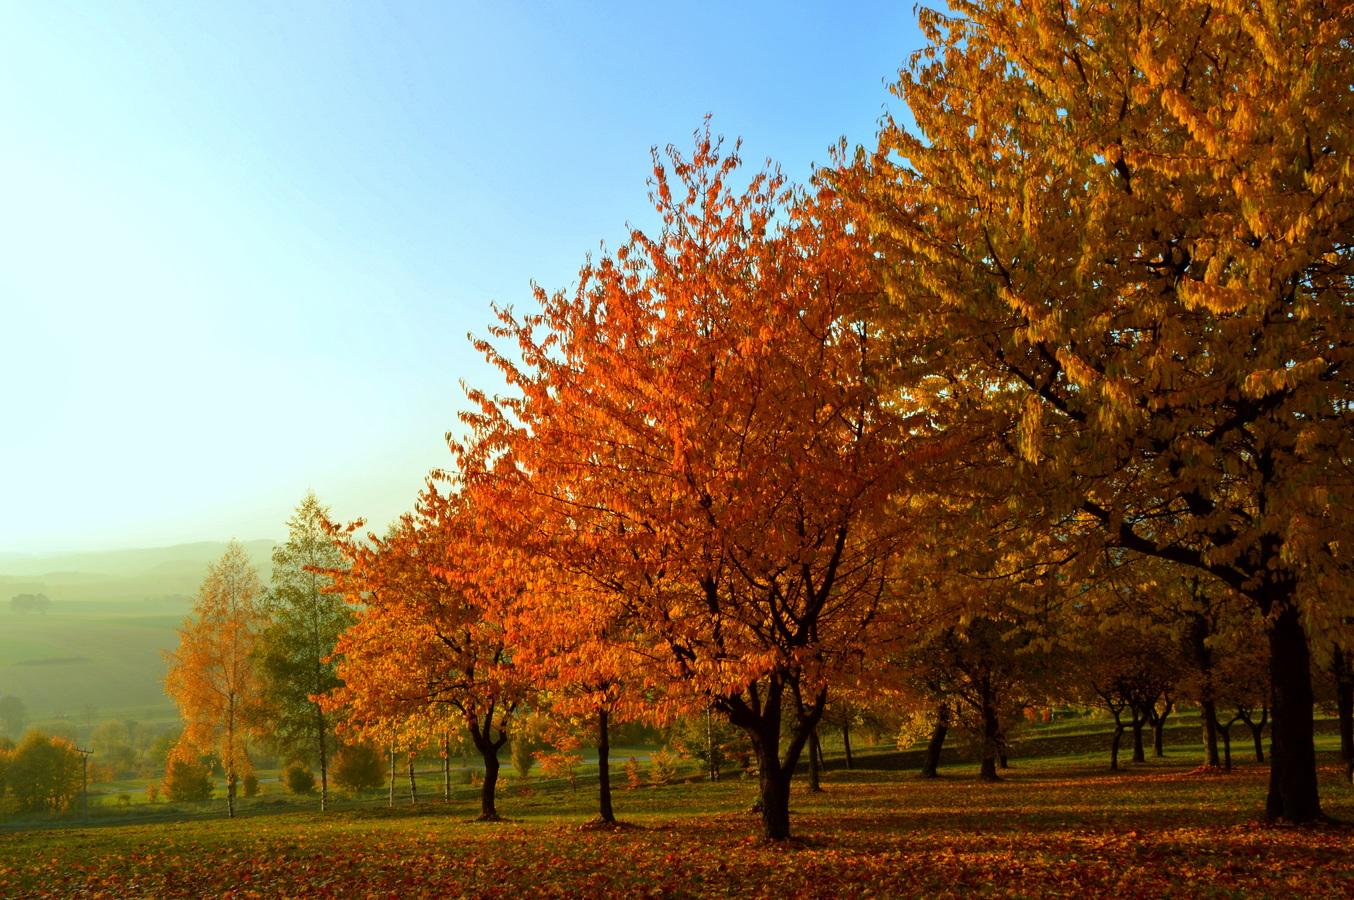 Vzpomínka na teplejší podzimní dny